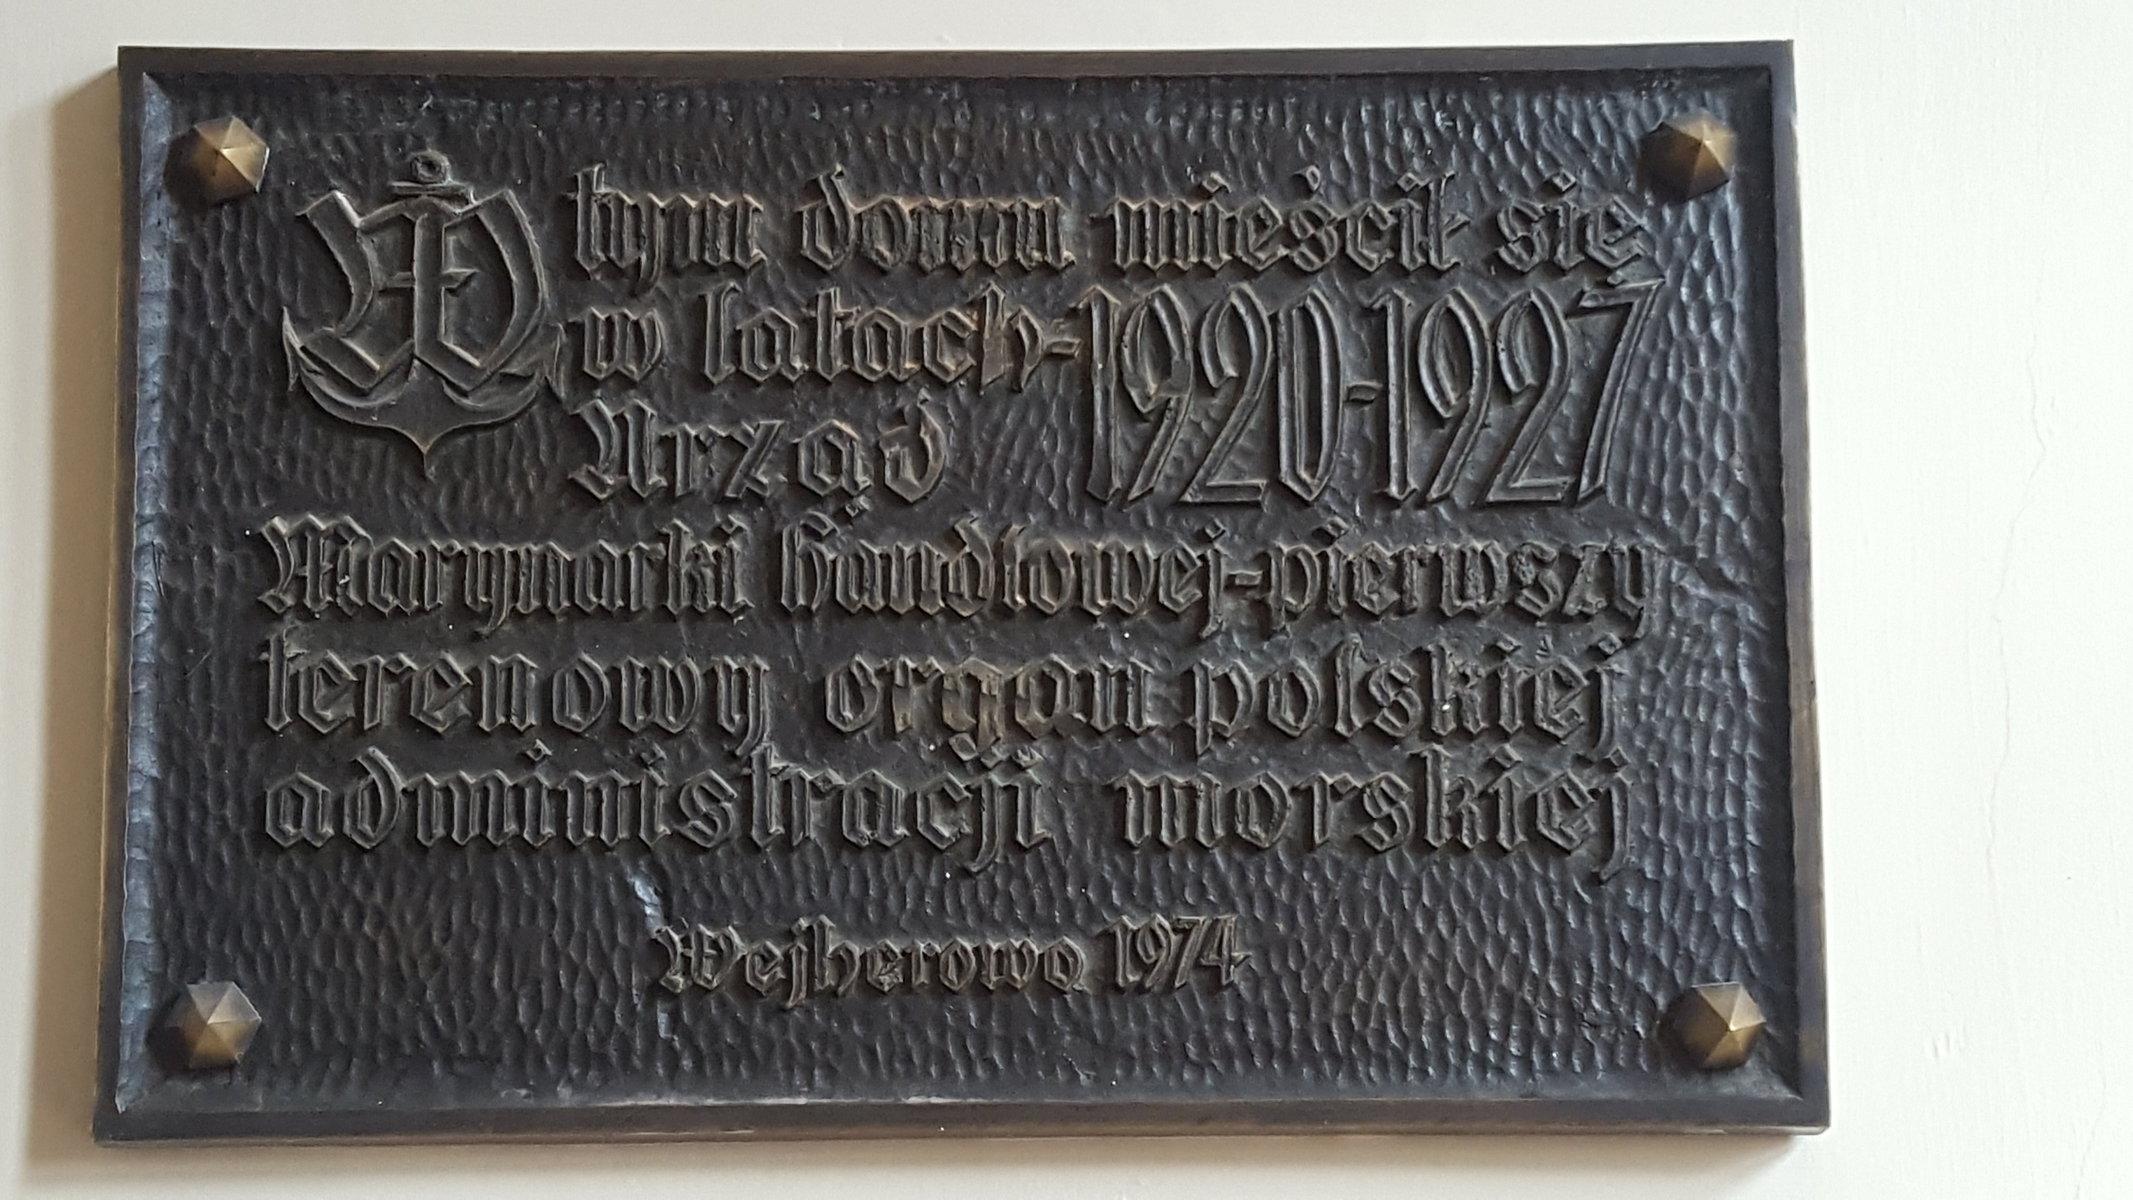 Tablica pamiątkowa znajdująca się wewnątrz budynku przy ul. Dworcowej 7 w Wejherowie (fot. Barbara Gusman)